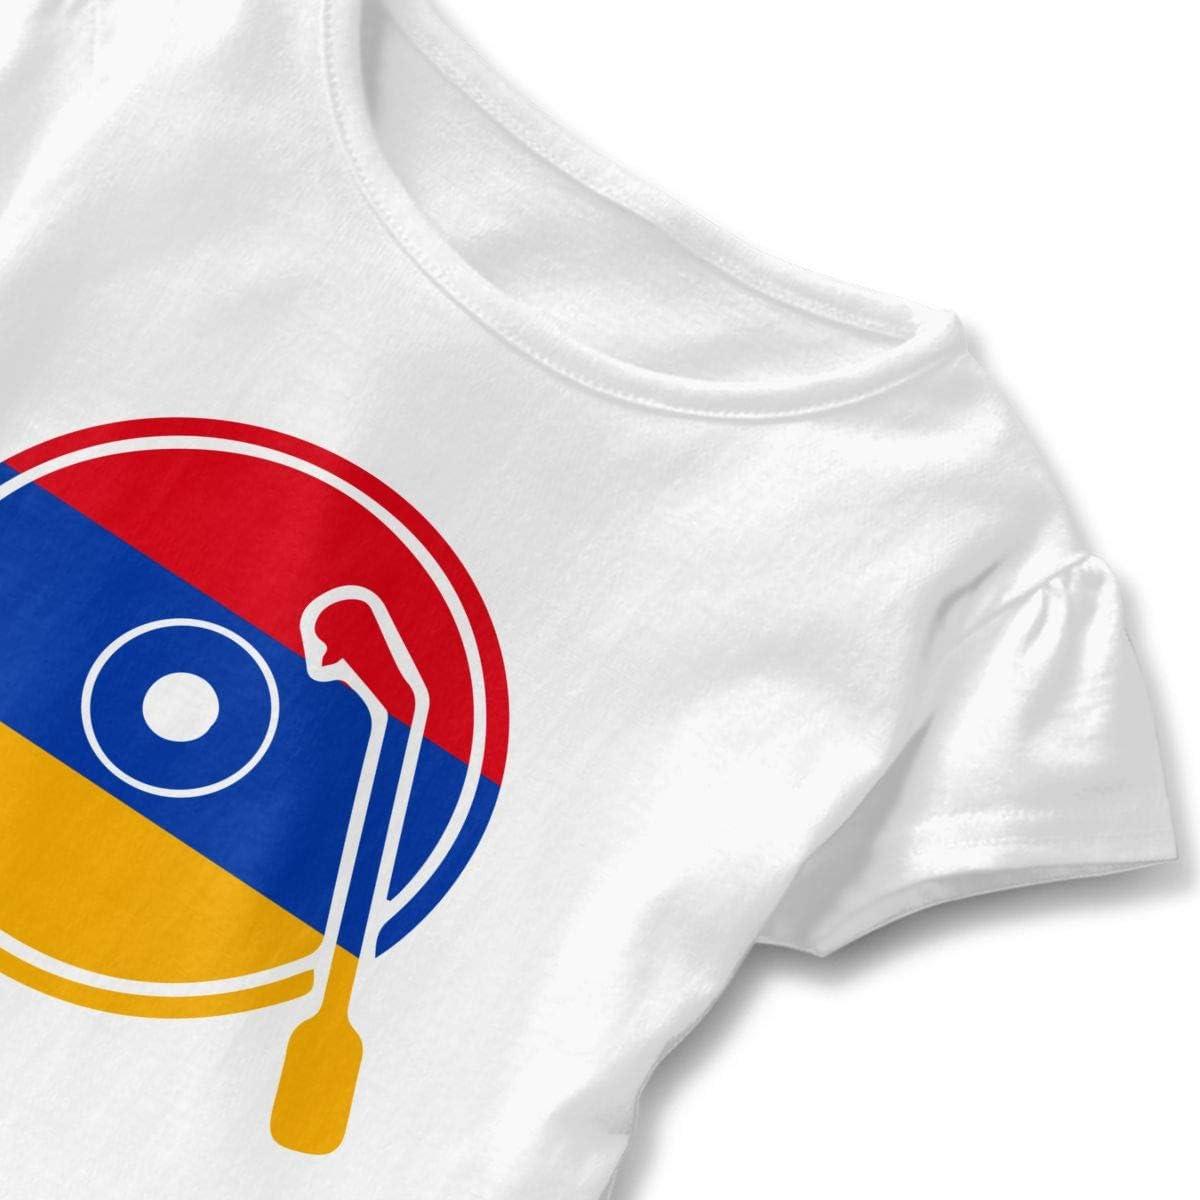 SC/_VD08 Vinyl Record Armenia Flag Kids Children Short-Sleeved Shirt Dress